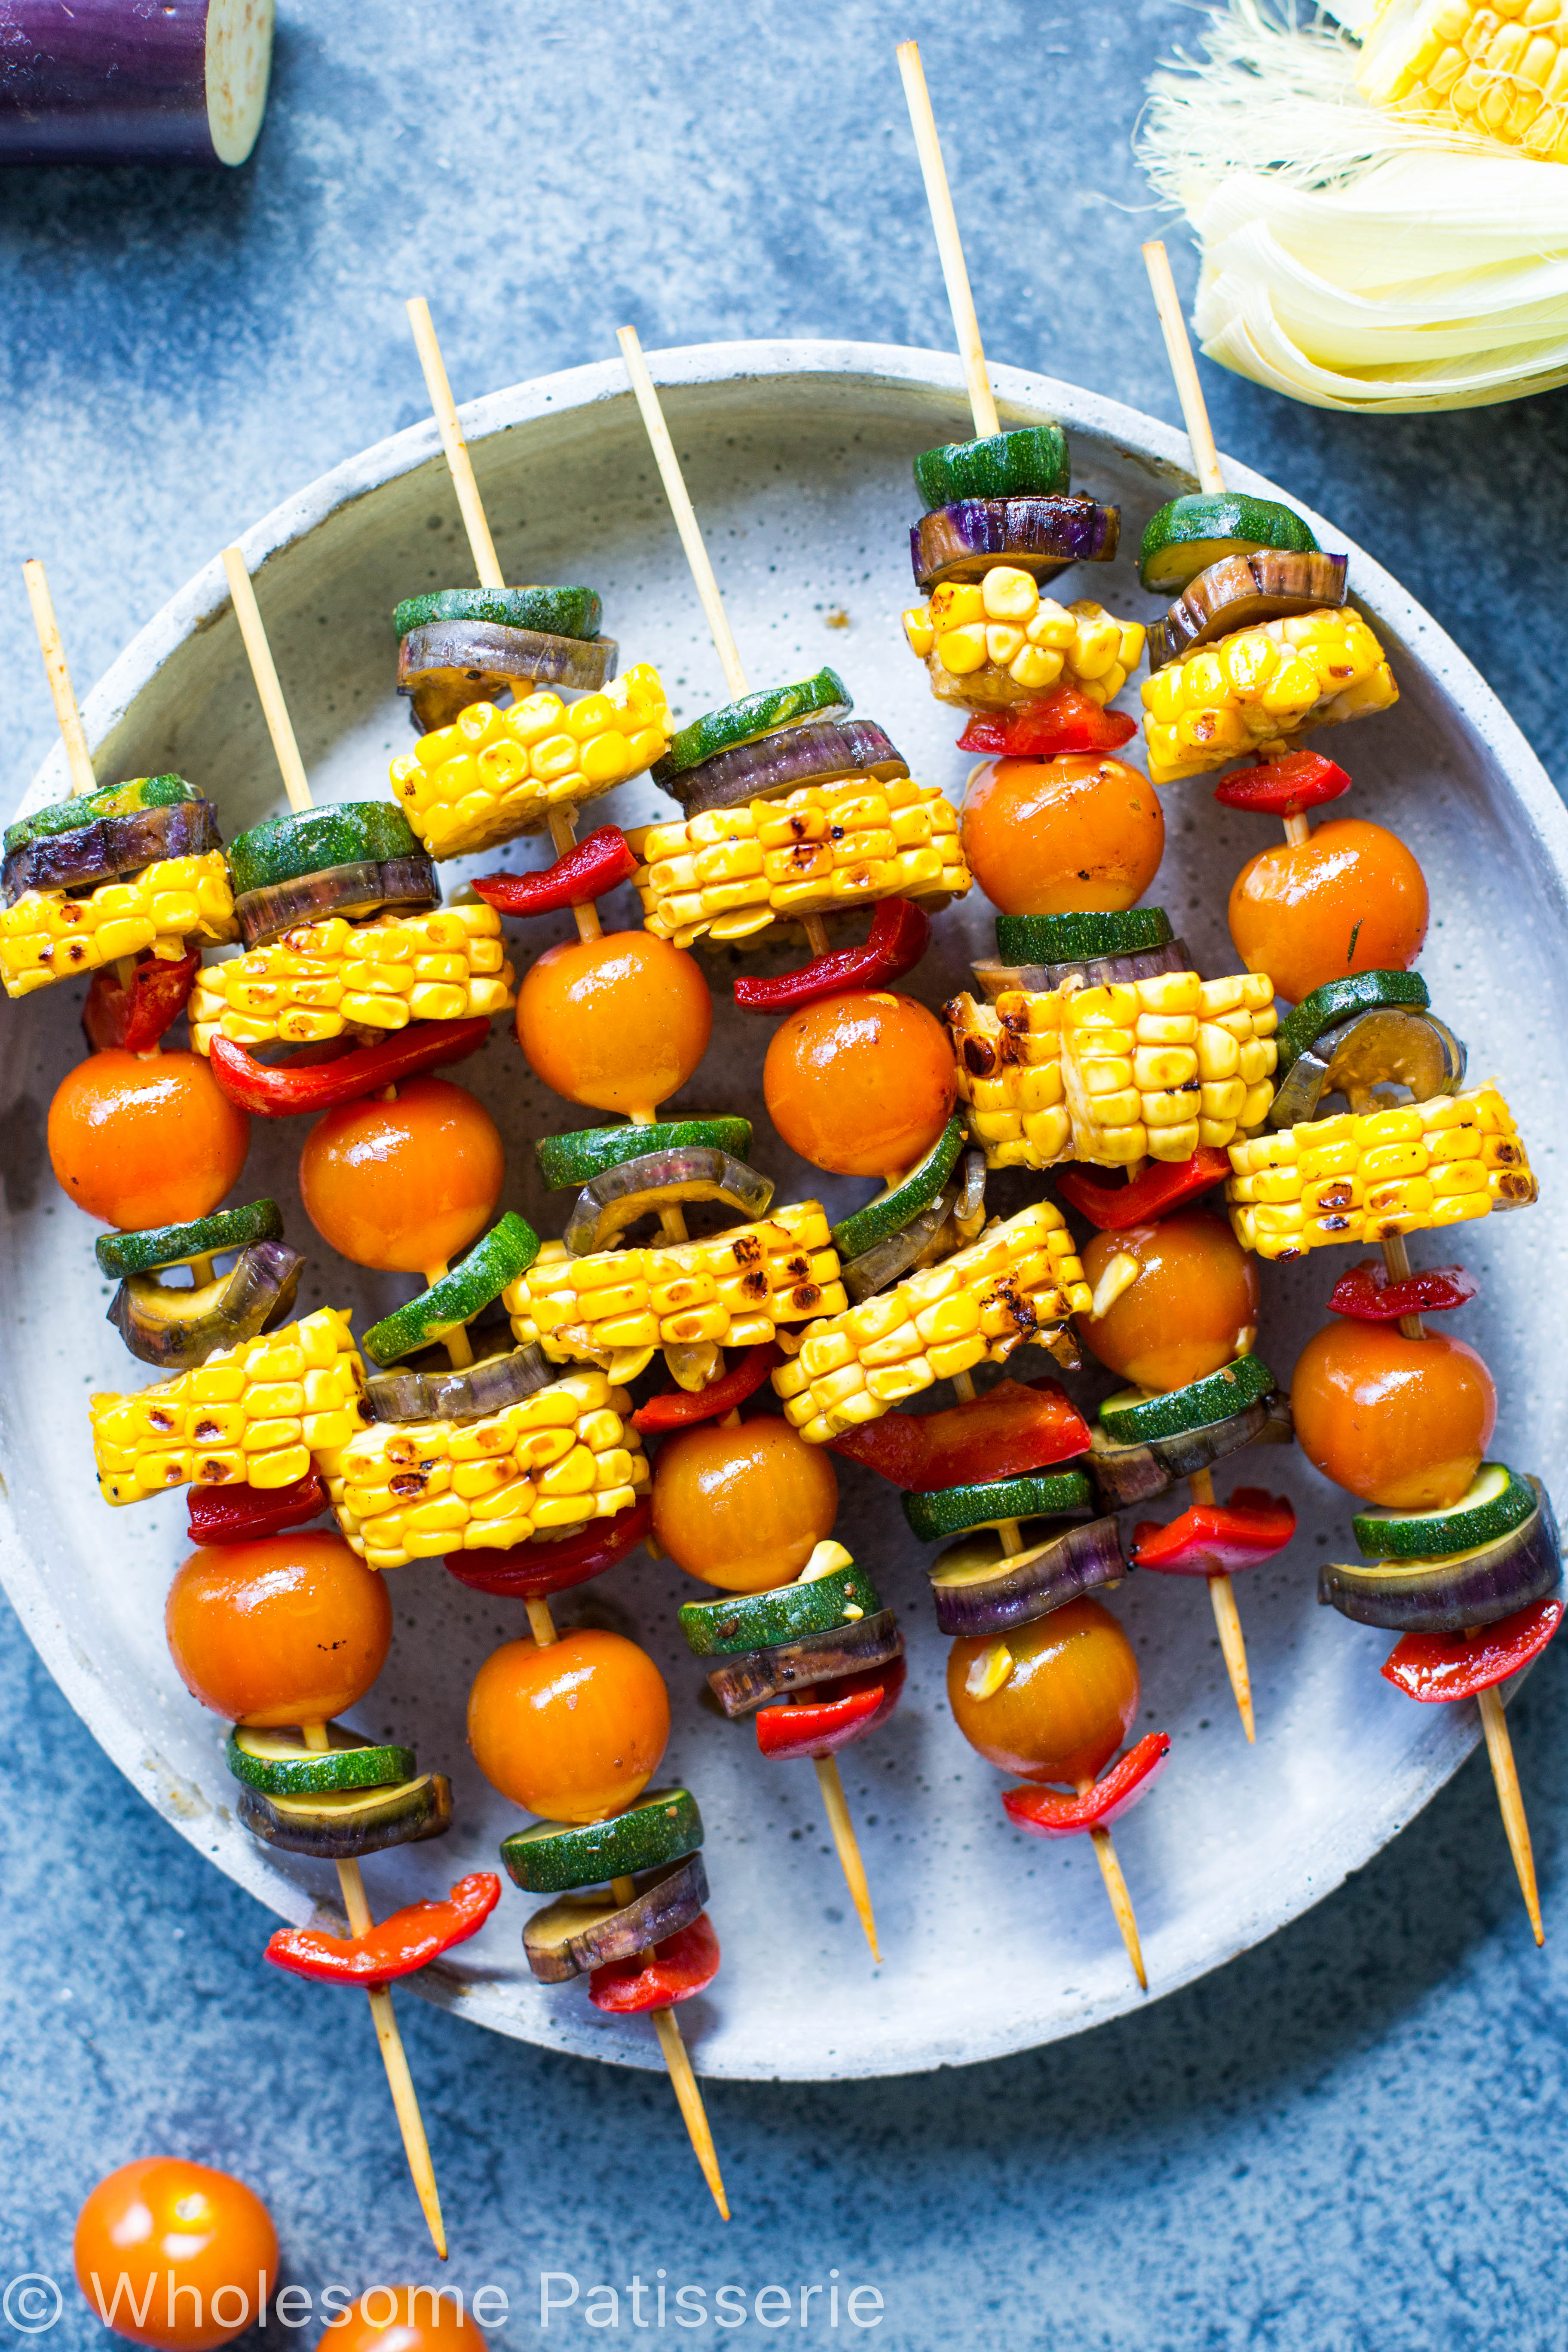 honey-soy-garlic-vegetable-skewers-gluten-free-vegan-vegetarian-kebabs